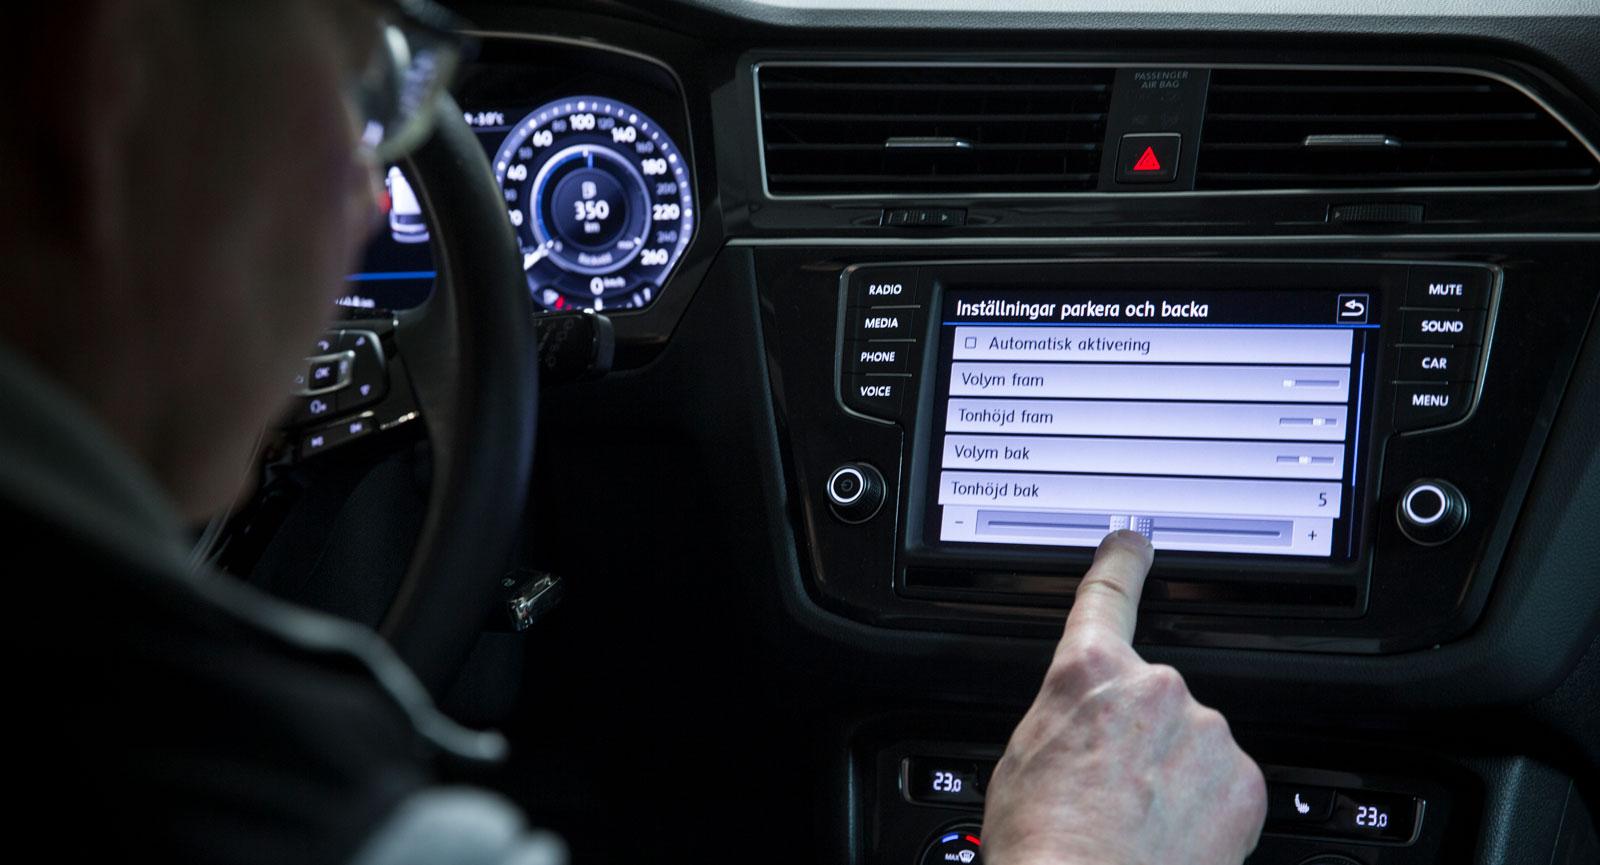 I VW Tiguans meny kan både tonhöjd och styrka på pipljuden justeras individuellt för de främre och bakre sensorerna. Men trots den finessen är VW:s system ett av de mer stressframkallande...